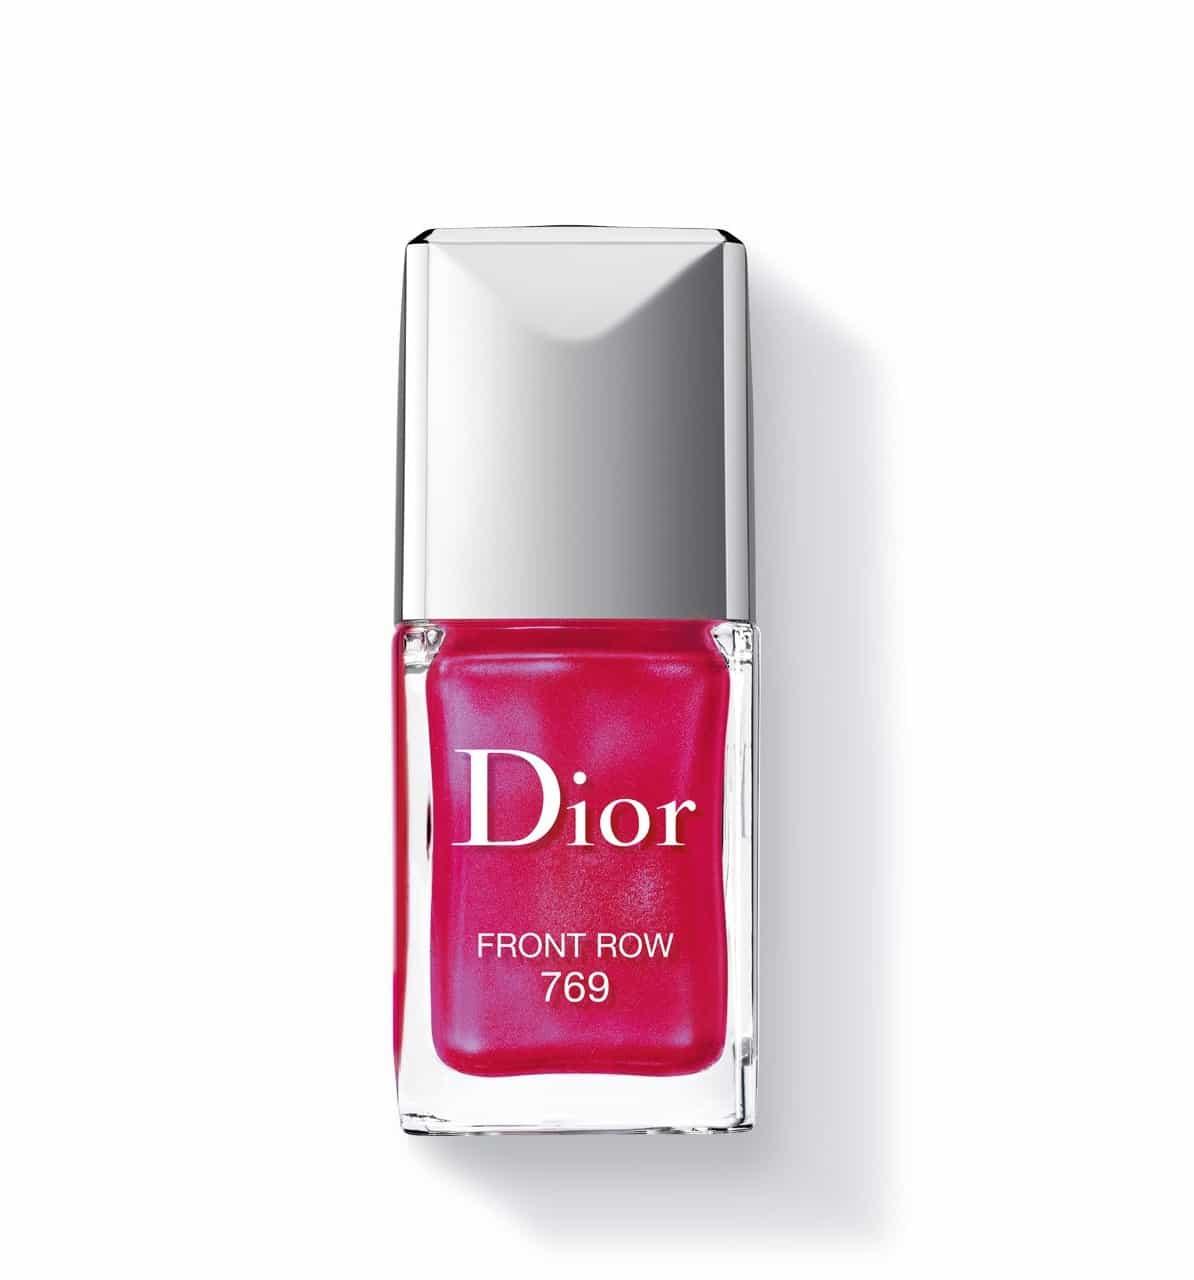 Smalto Dior, tonalità 769 Front Row